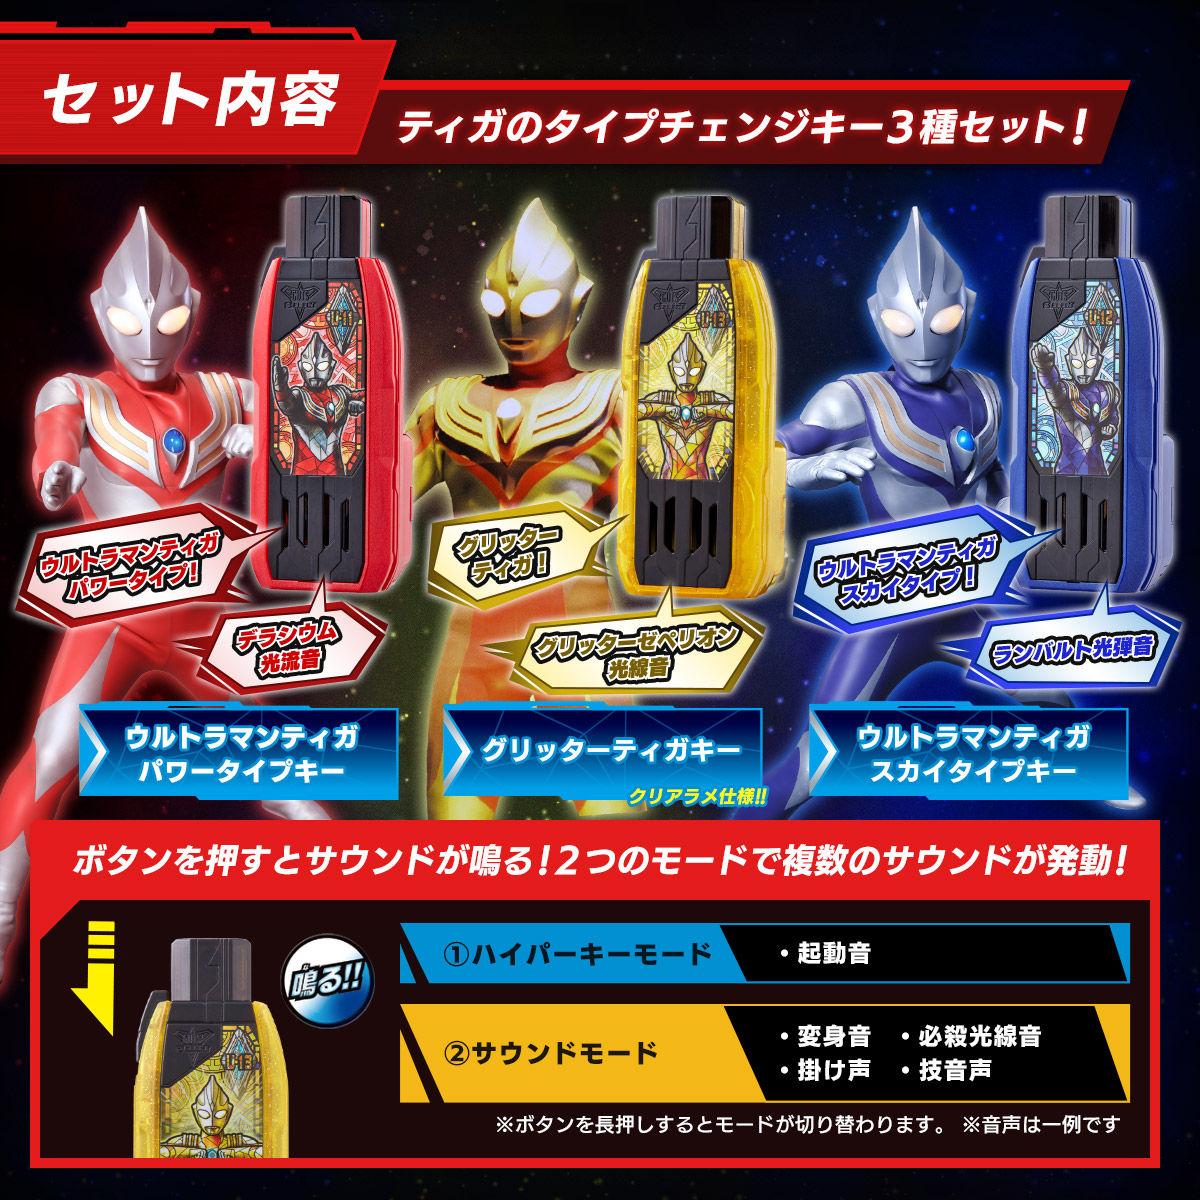 【限定販売】DXガッツハイパーキー『ウルトラマンティガキーセット』ウルトラマントリガー 変身なりきり-003